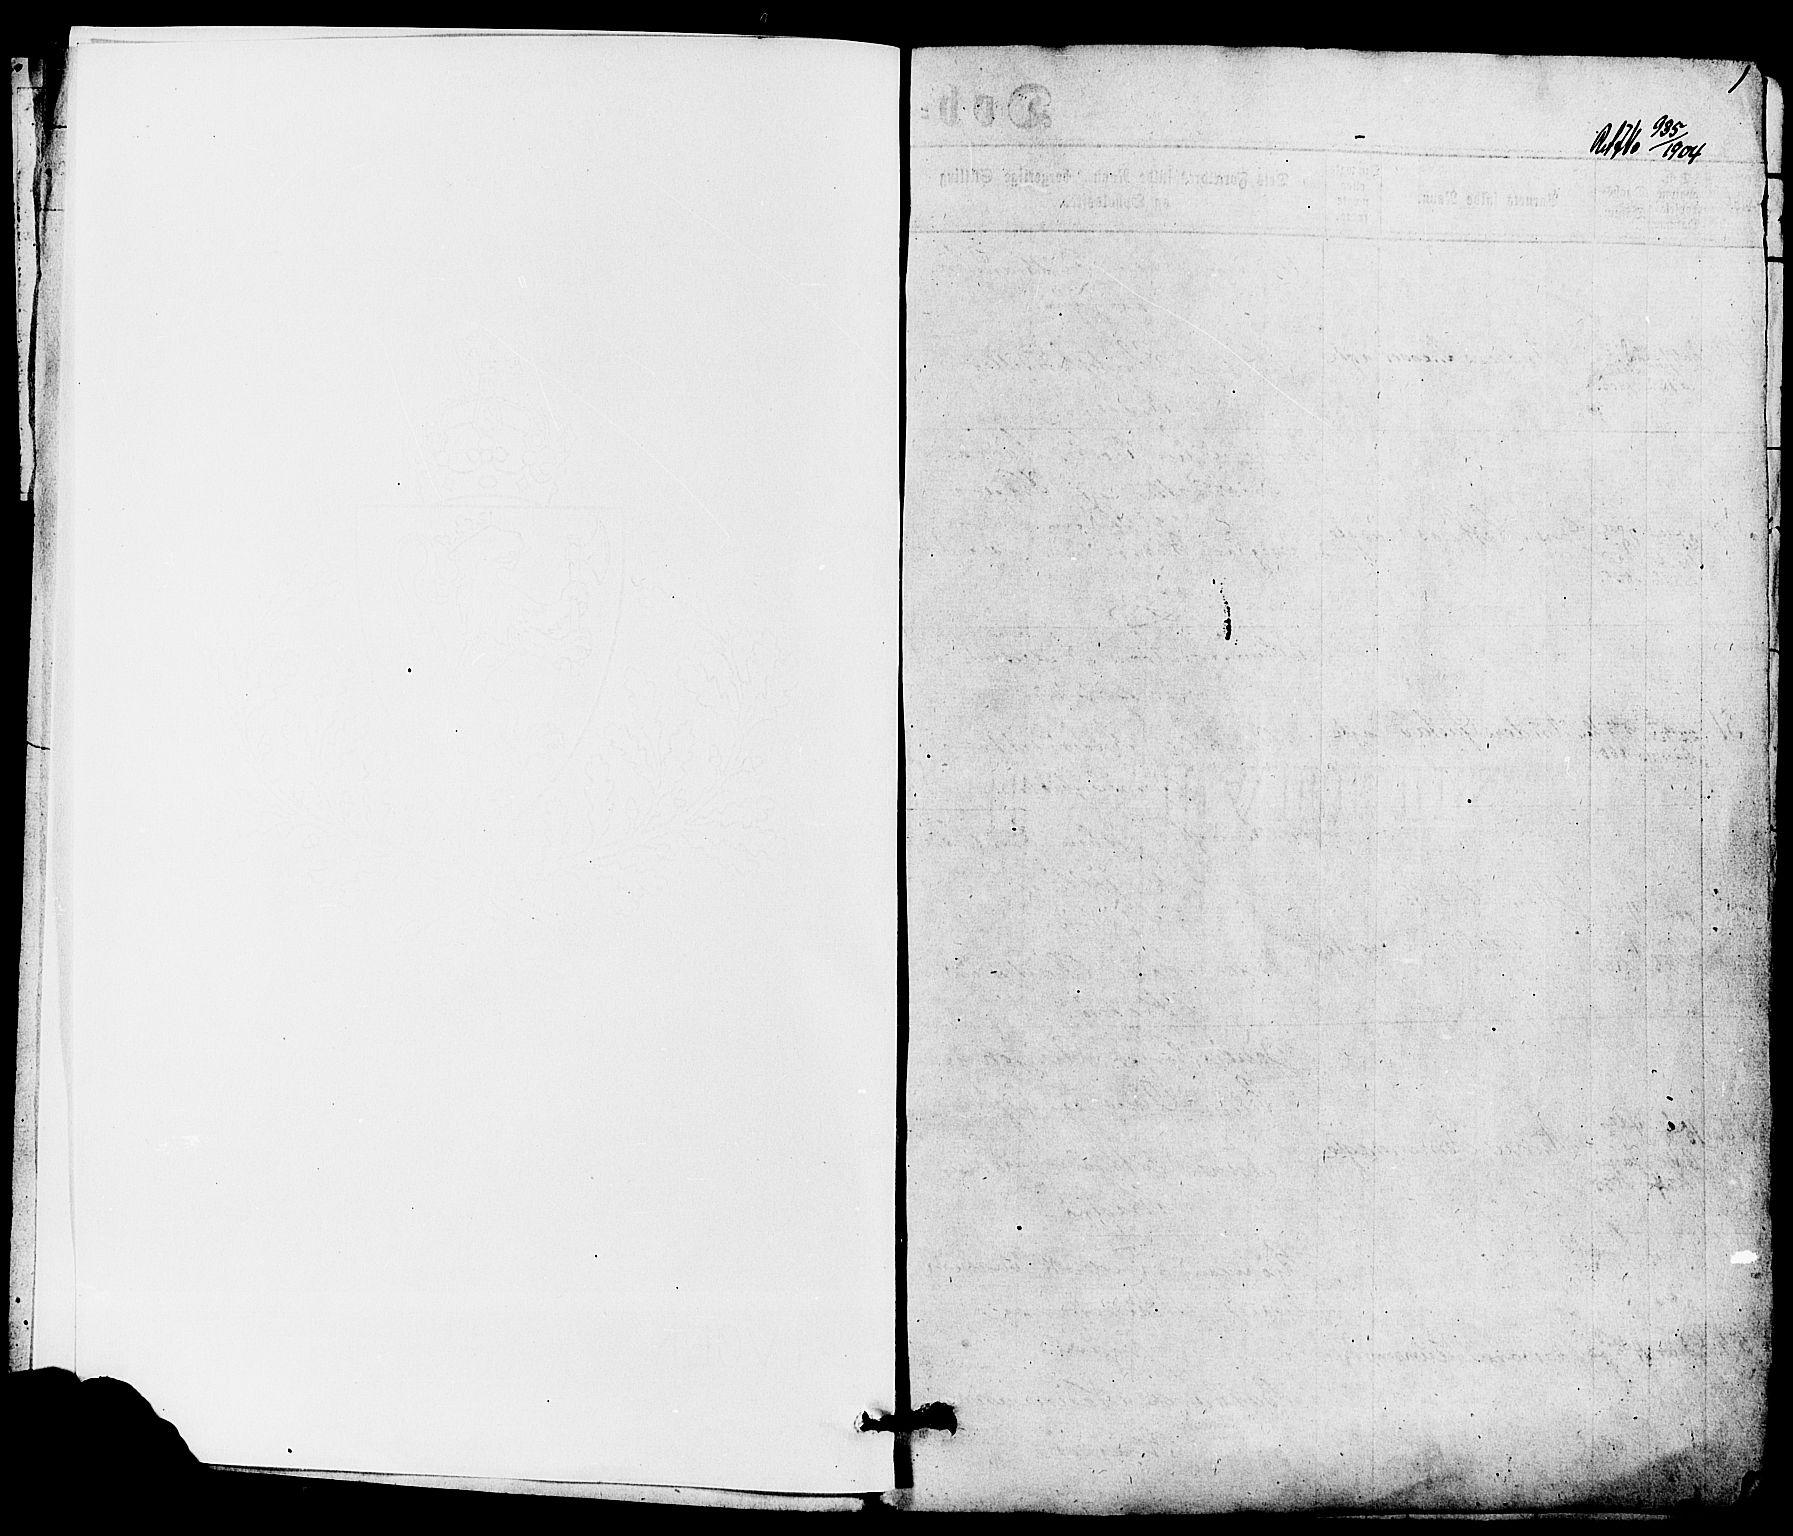 SAKO, Kragerø kirkebøker, G/Ga/L0005: Klokkerbok nr. 5, 1865-1881, s. 1